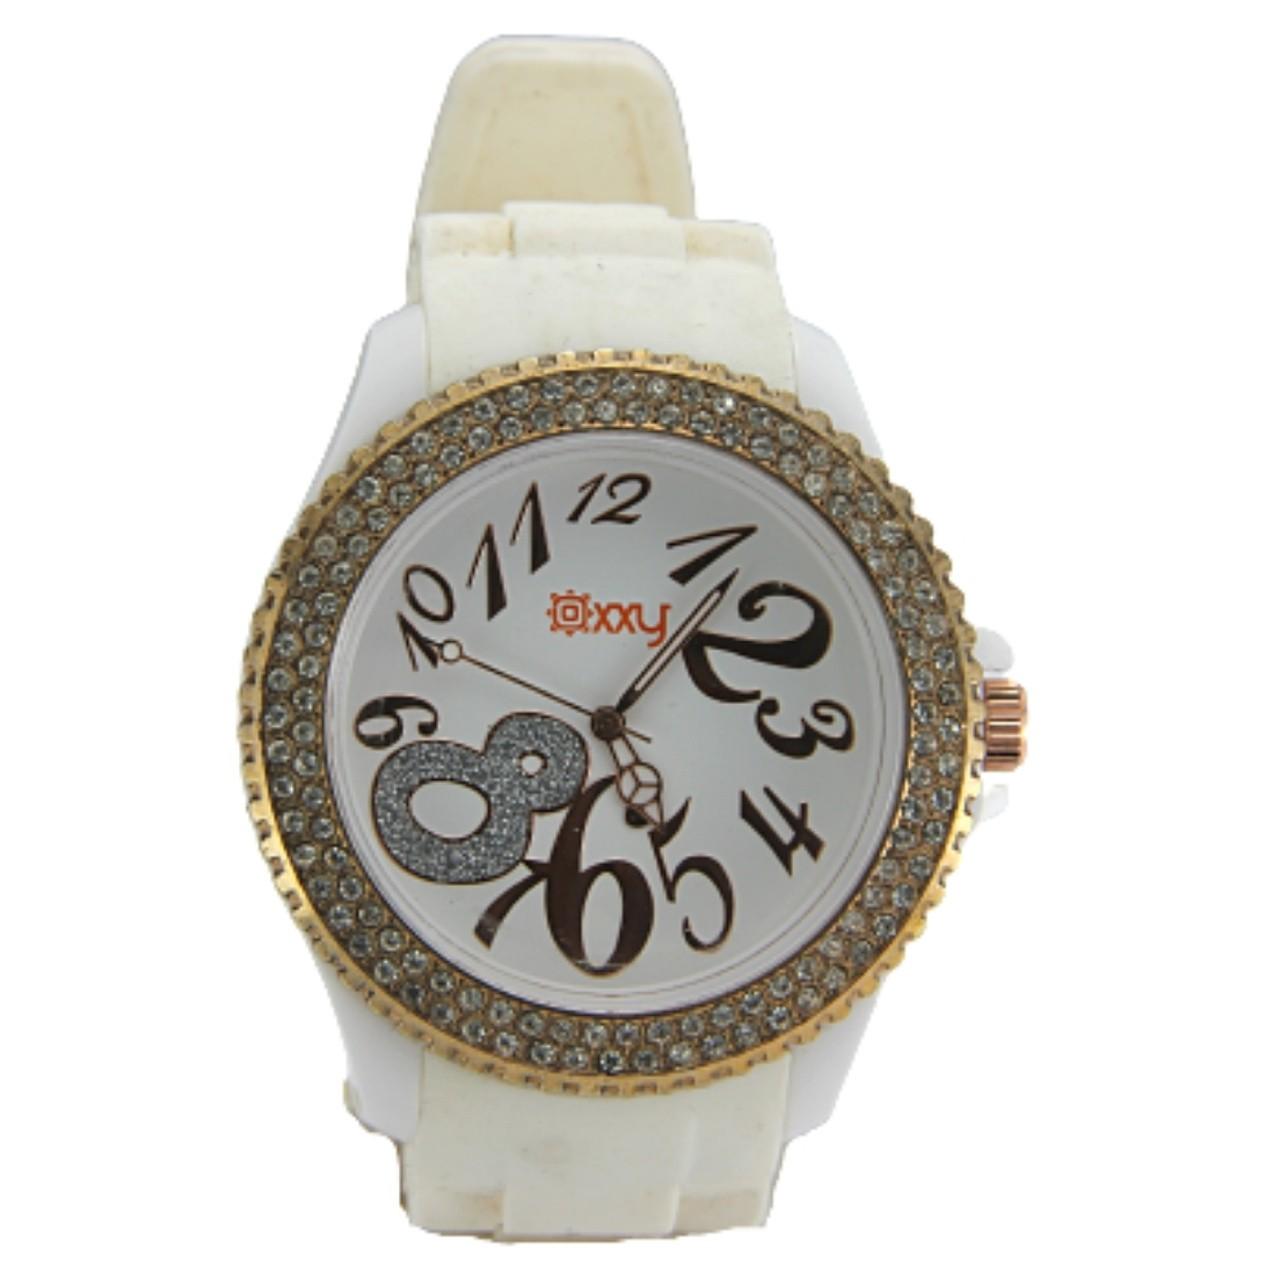 Relógio Oxxy White Fashion Feminino